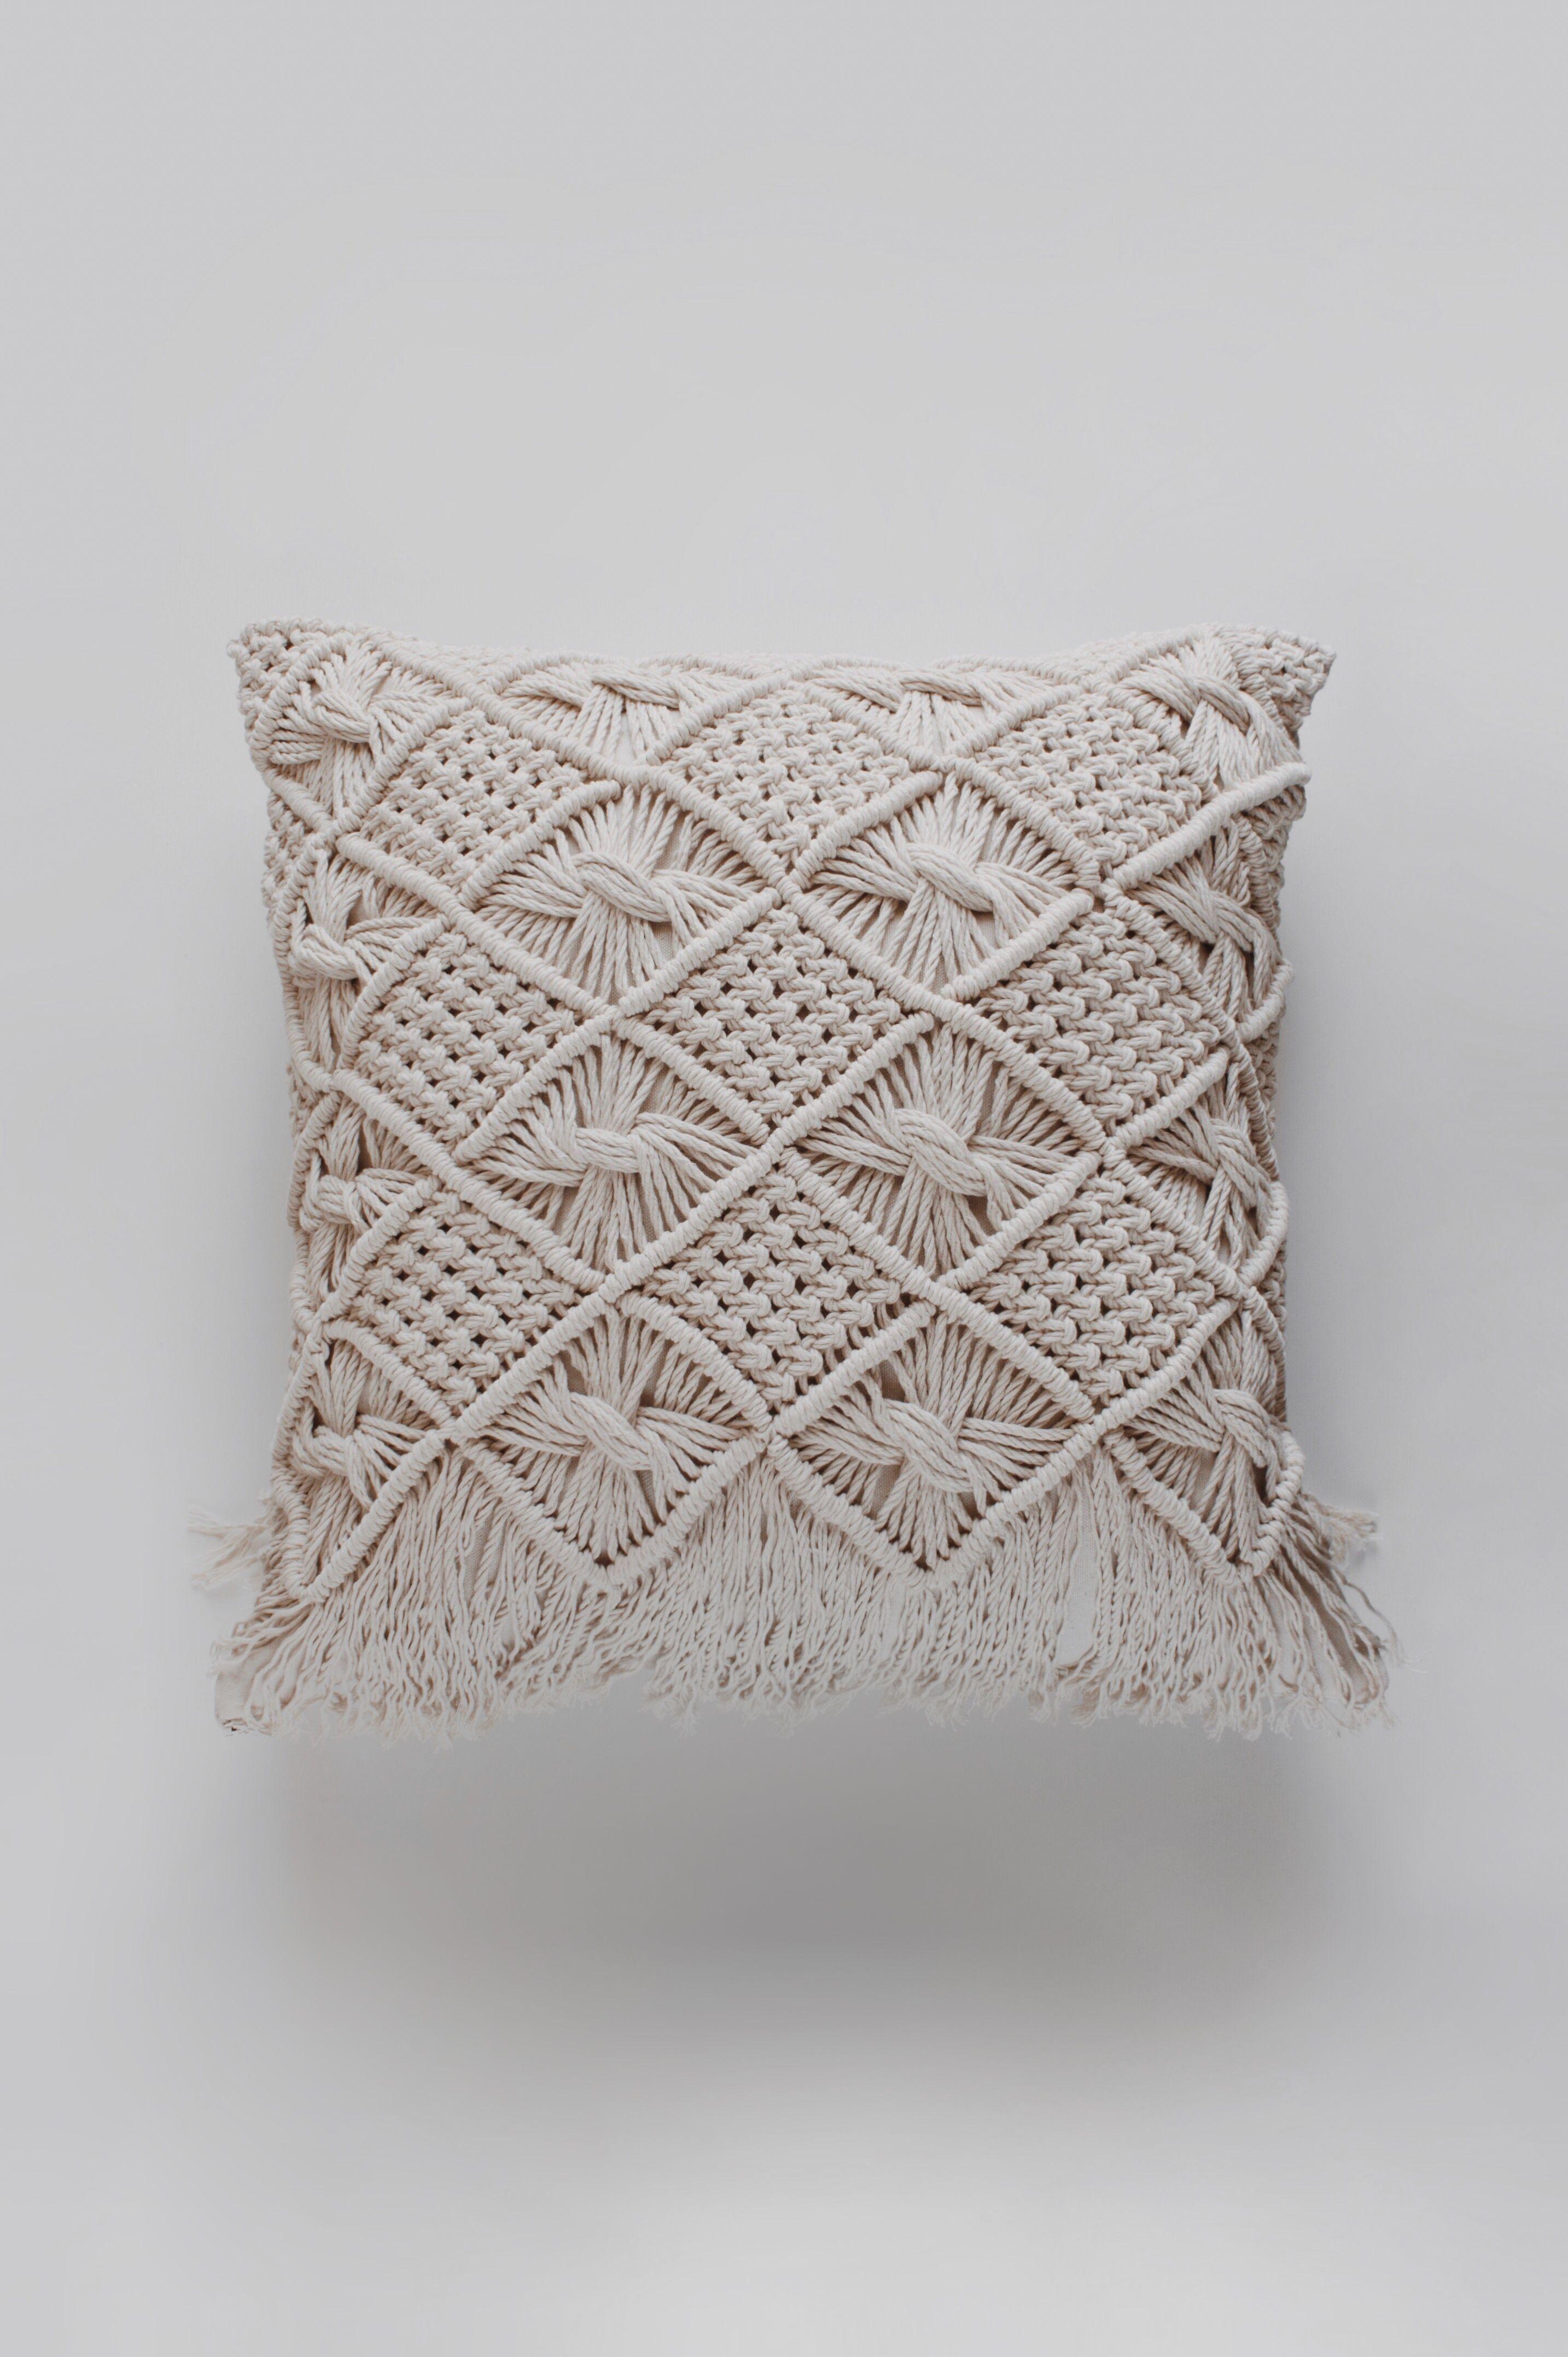 Macrame Pillow Throw Pillow Decorative Pillow Modern Etsy Pillow Cases Diy Pillows Decorative Diy Diy Pillows